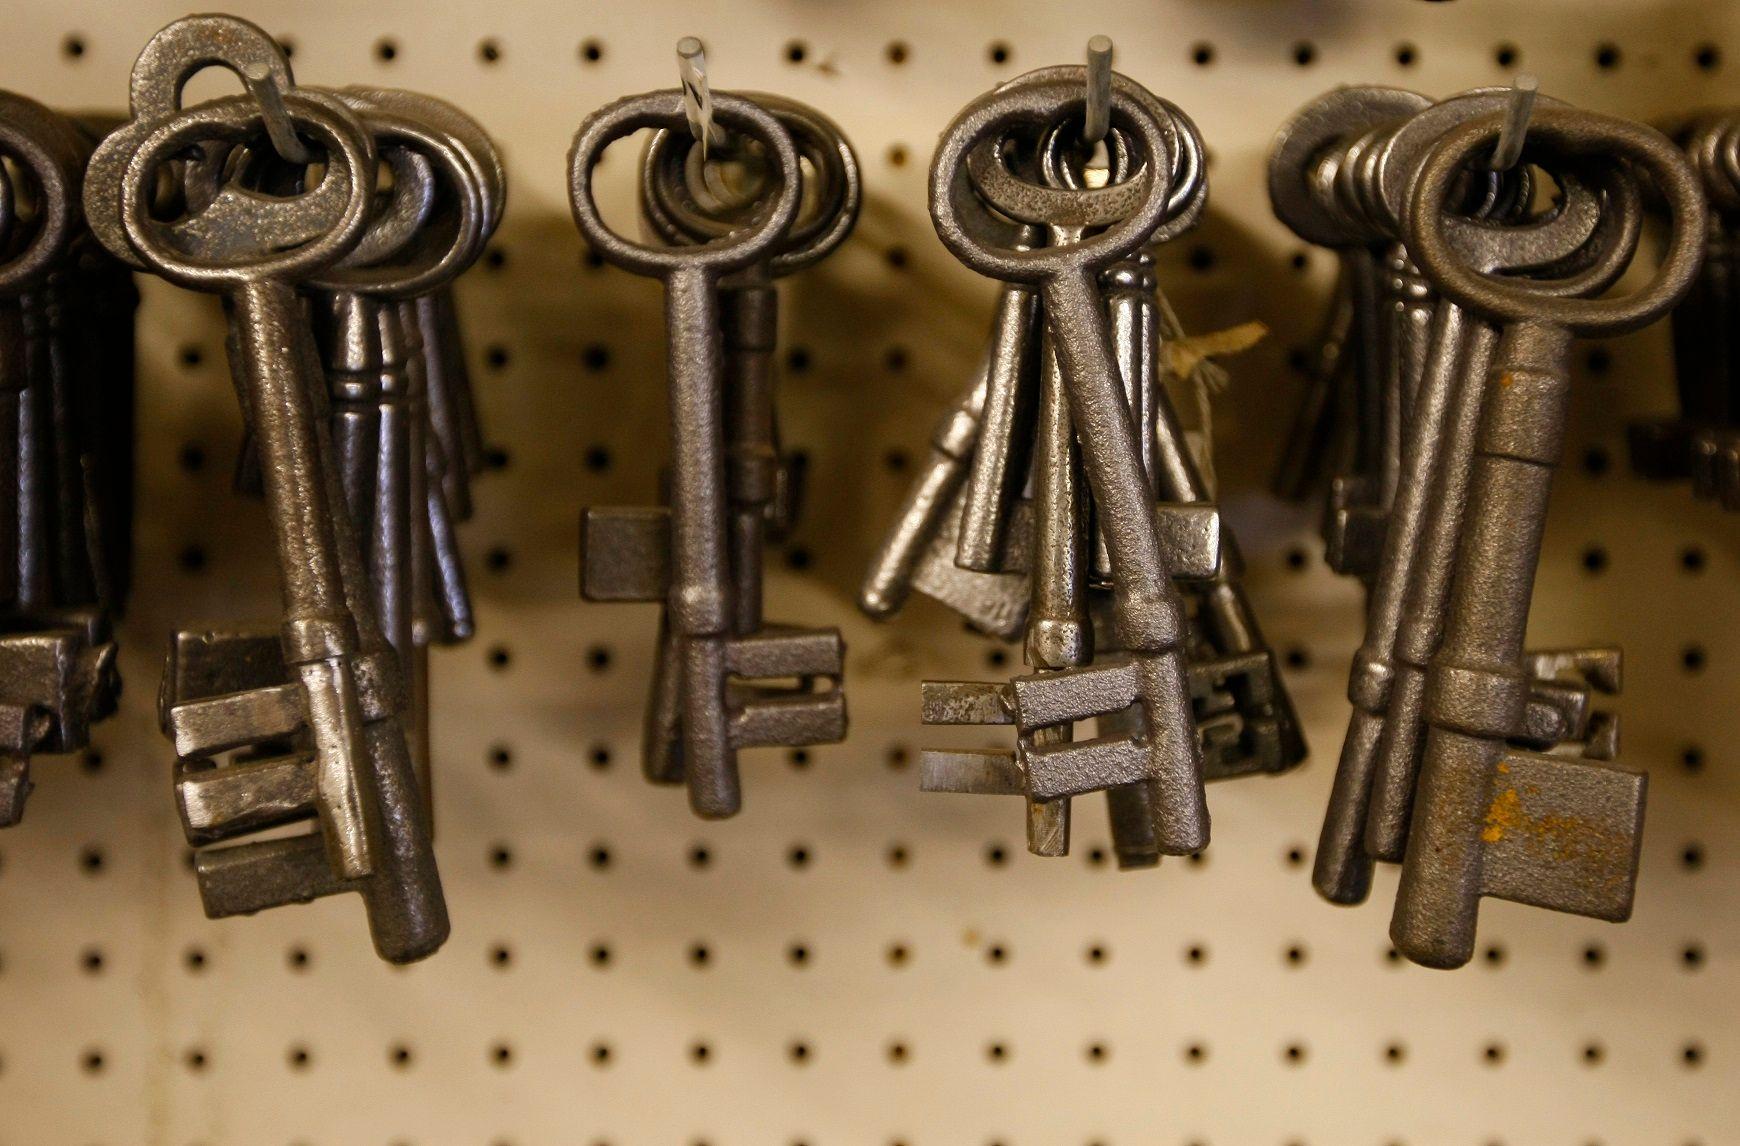 Qui sont les 7 personnes qui détiennent les clés de la sécurité de l'Internet mondial ?